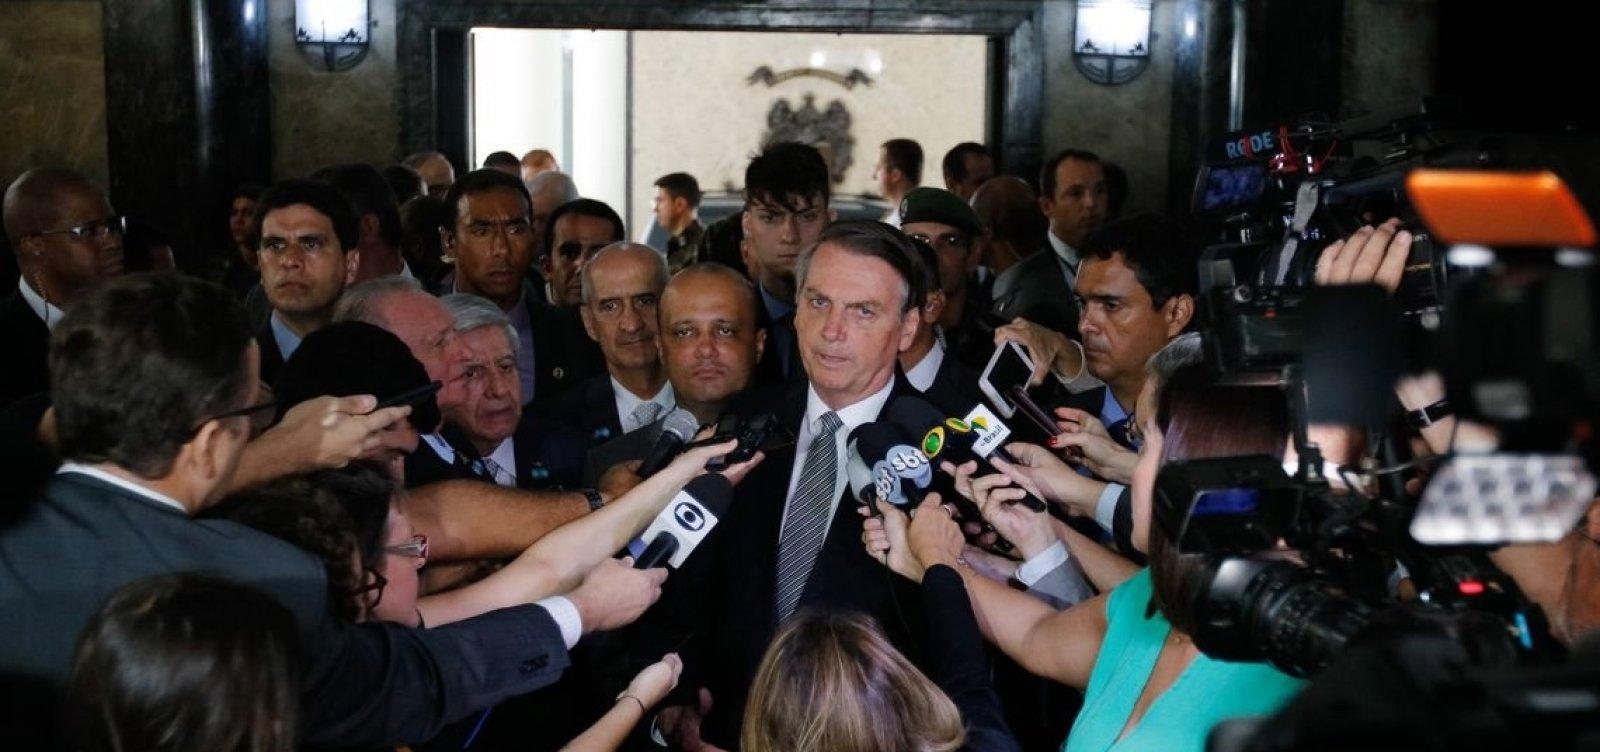 Bolsonaro diz que lamenta a morte de inocentes em baile funk em Paraisópolis